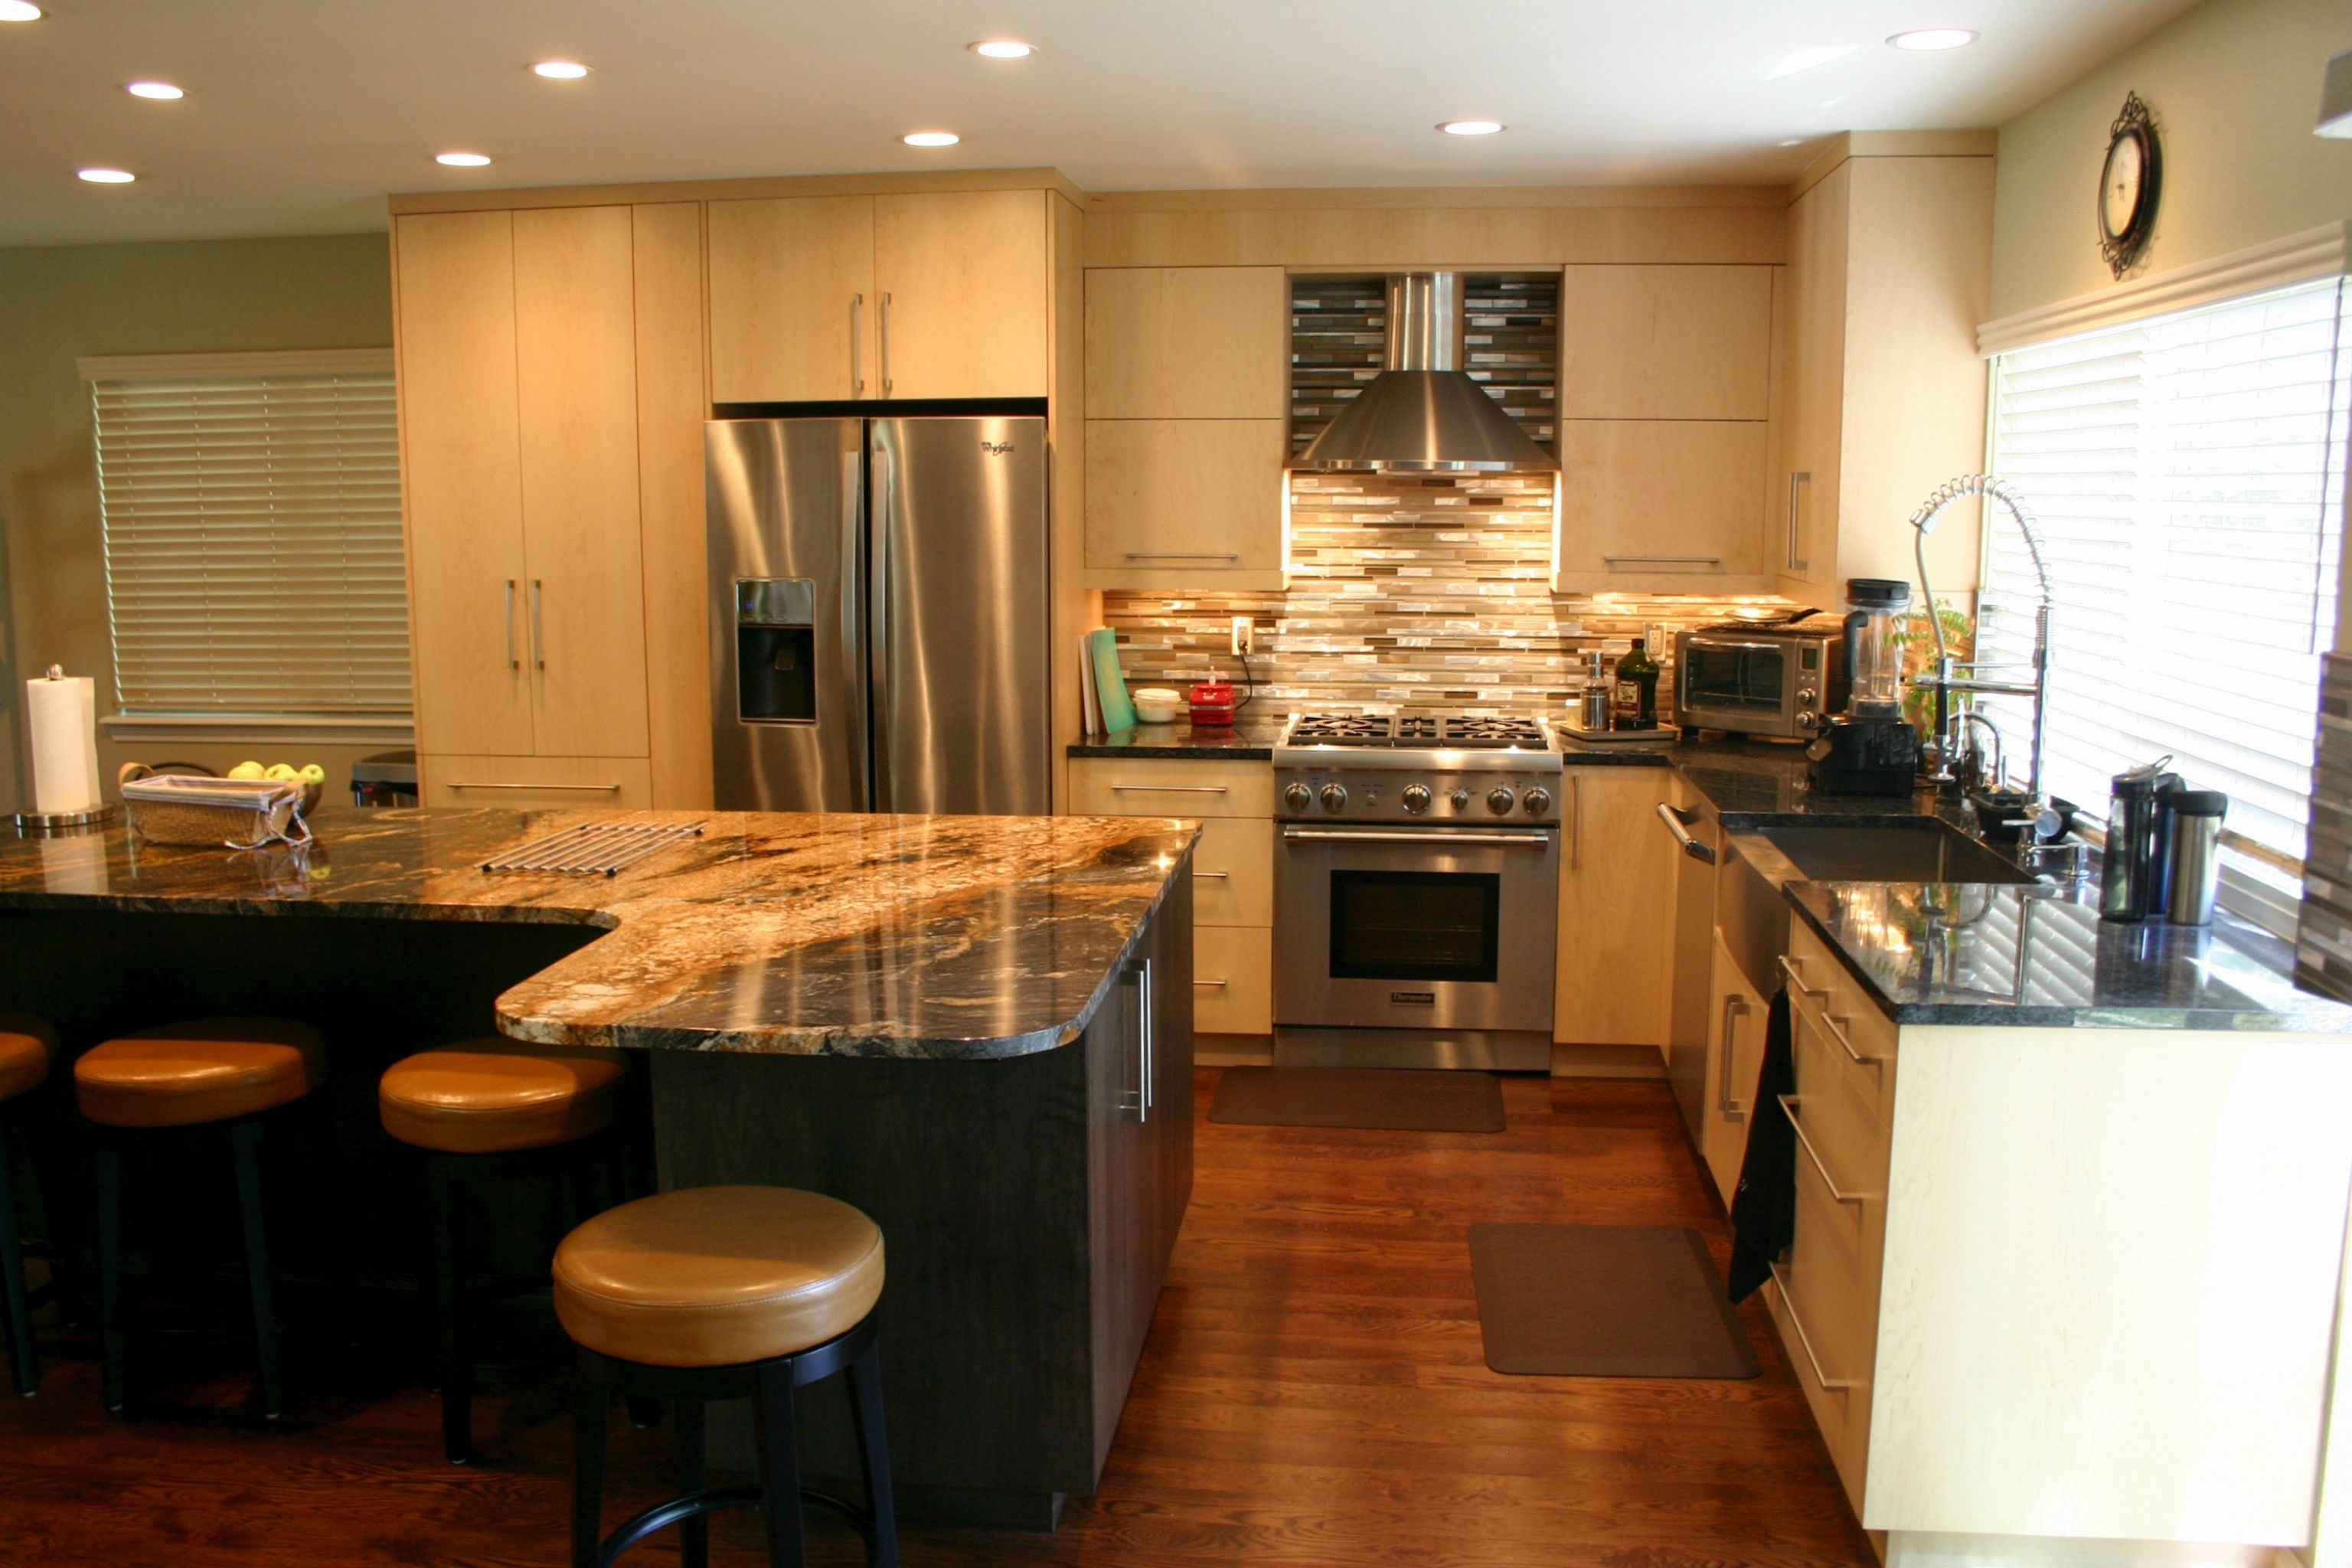 Kitchen Remodeling Denver Style Bkc Kitchen And Bath Denver Kitchen Remodel  Crystal Cabinet .